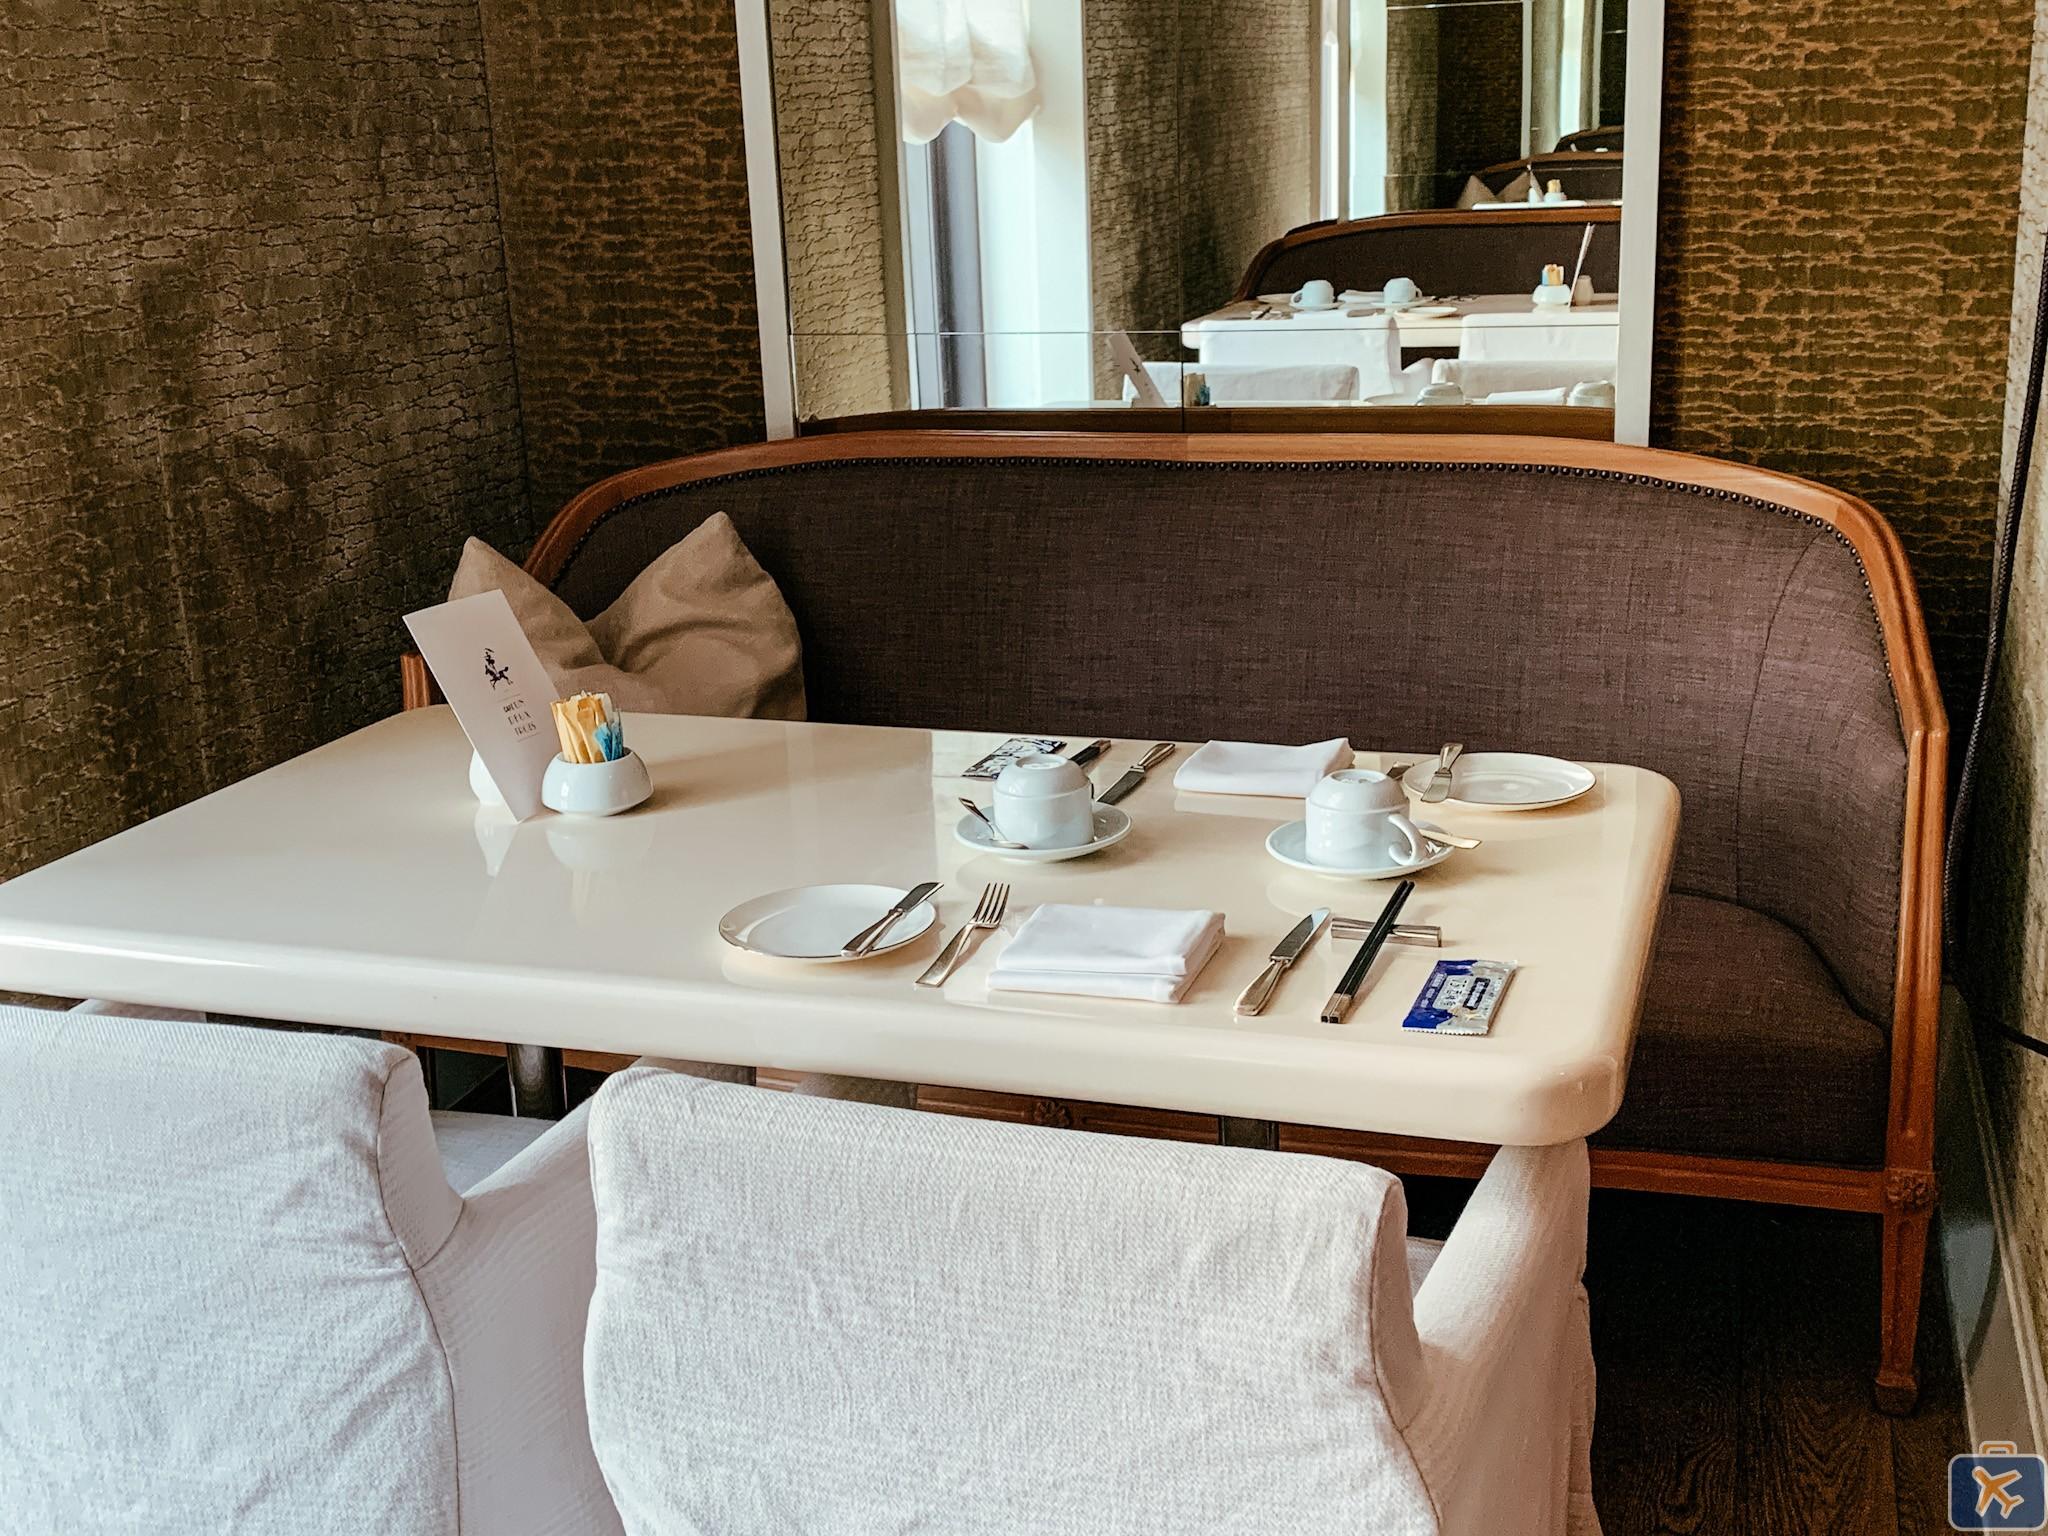 台北住宿| 台北文華東方酒店 Mandarin Oriental Taipei